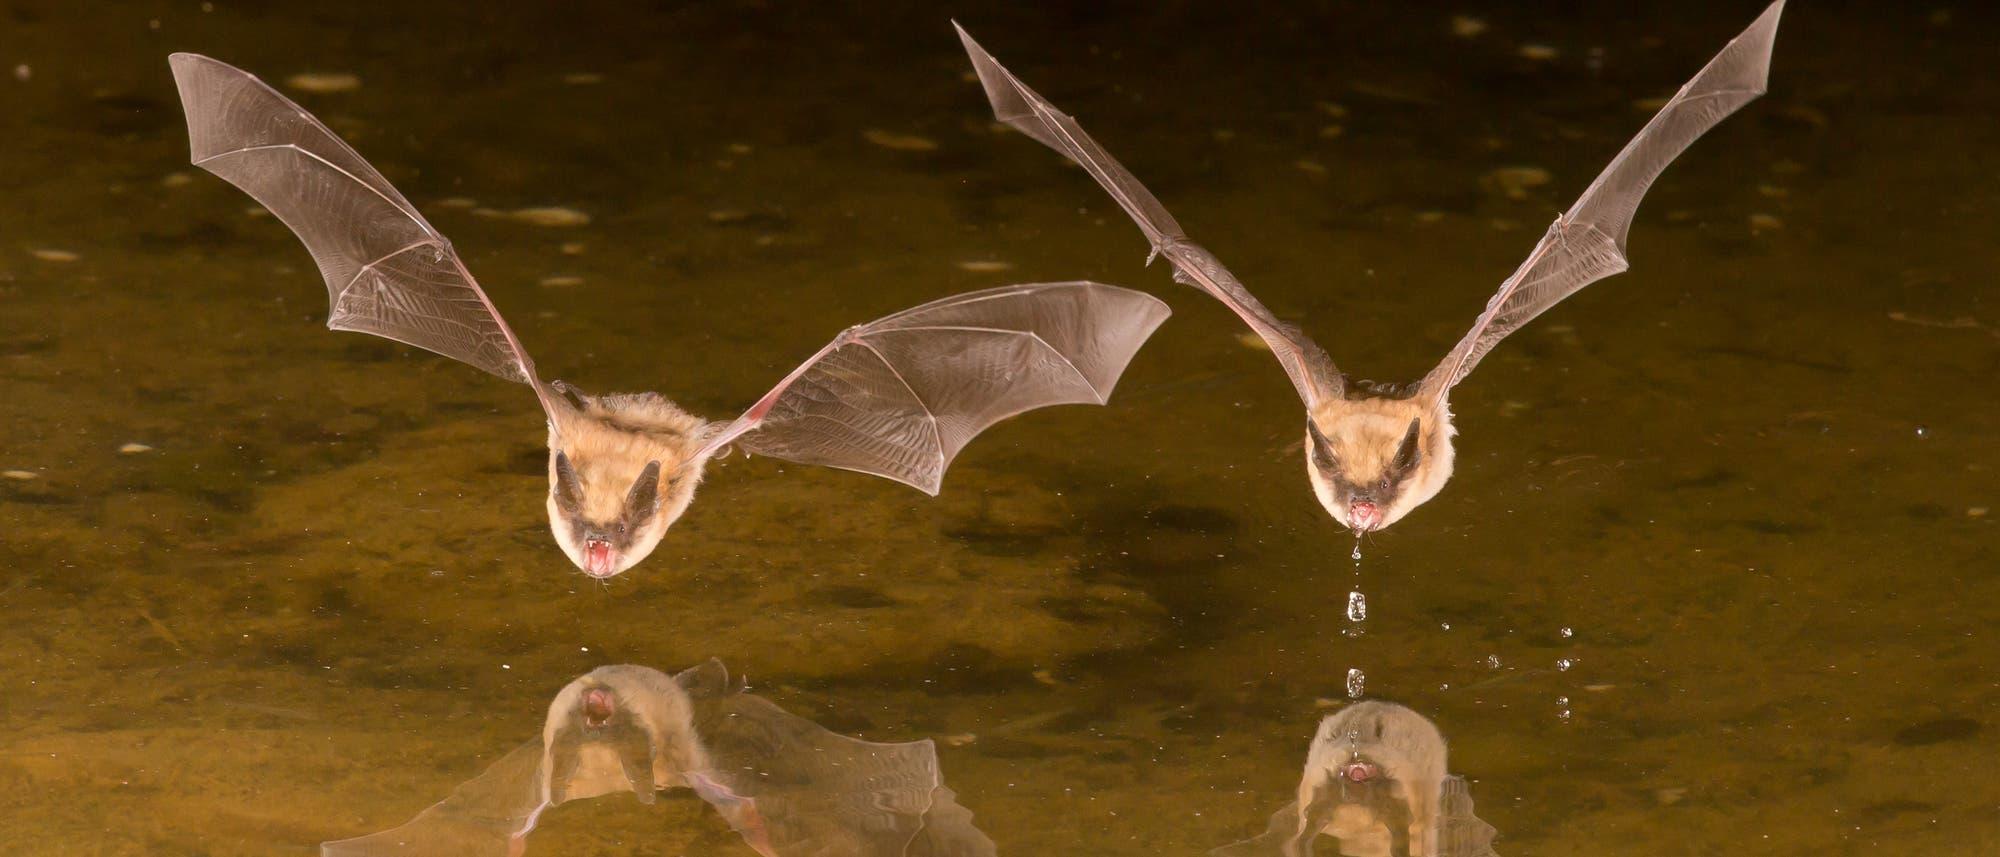 Zwei Fledermäuse segeln übers Wasser